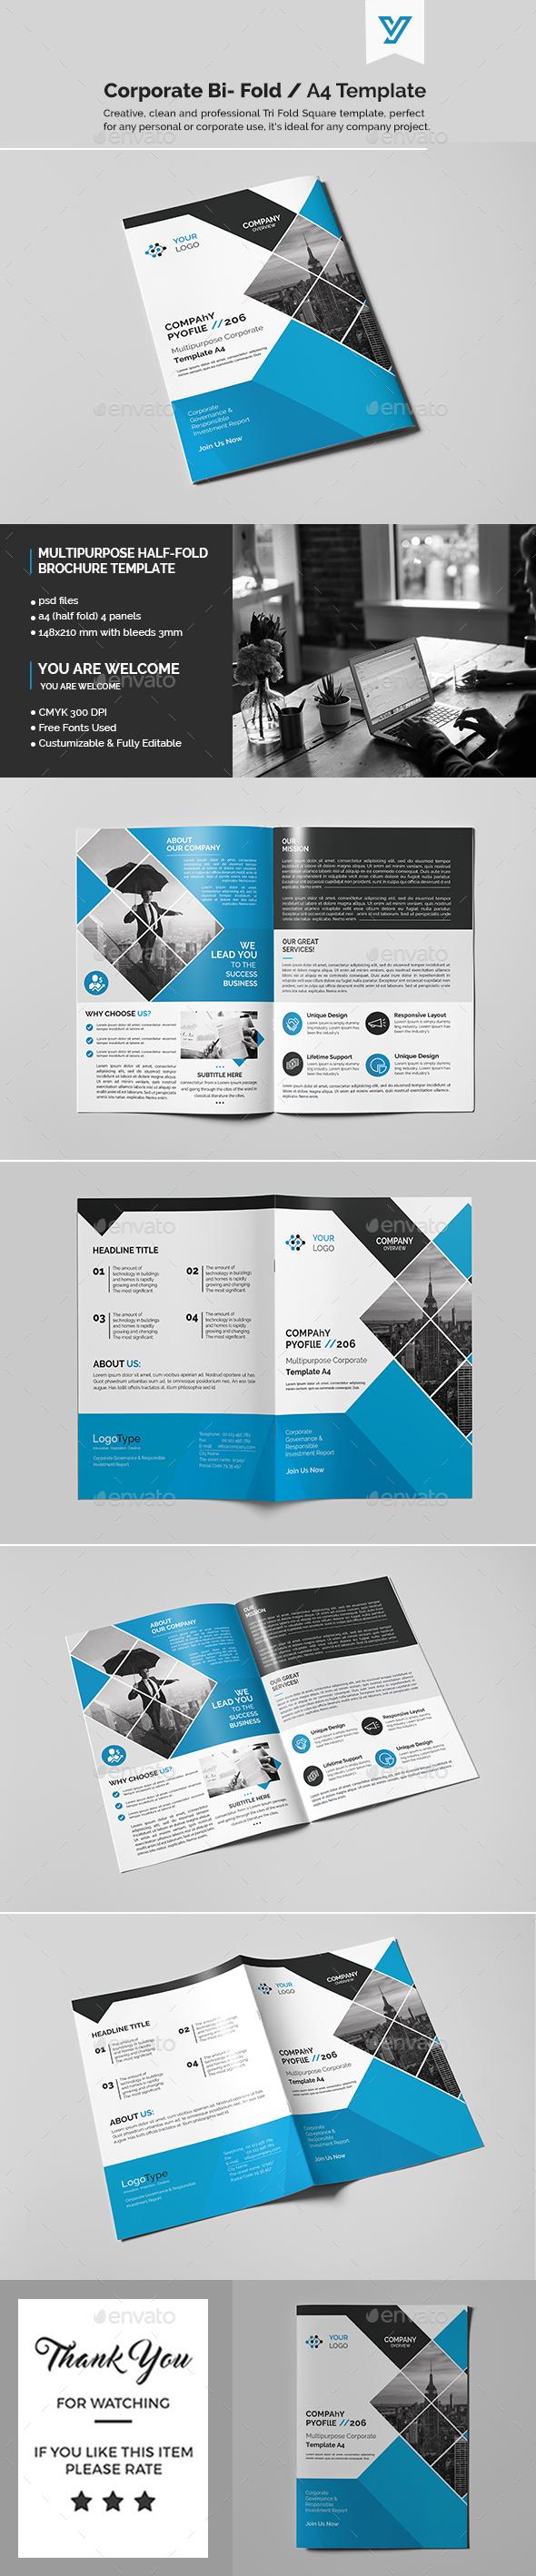 corporate bi fold brochure template catalogs brochures - Bi Fold Brochure Template